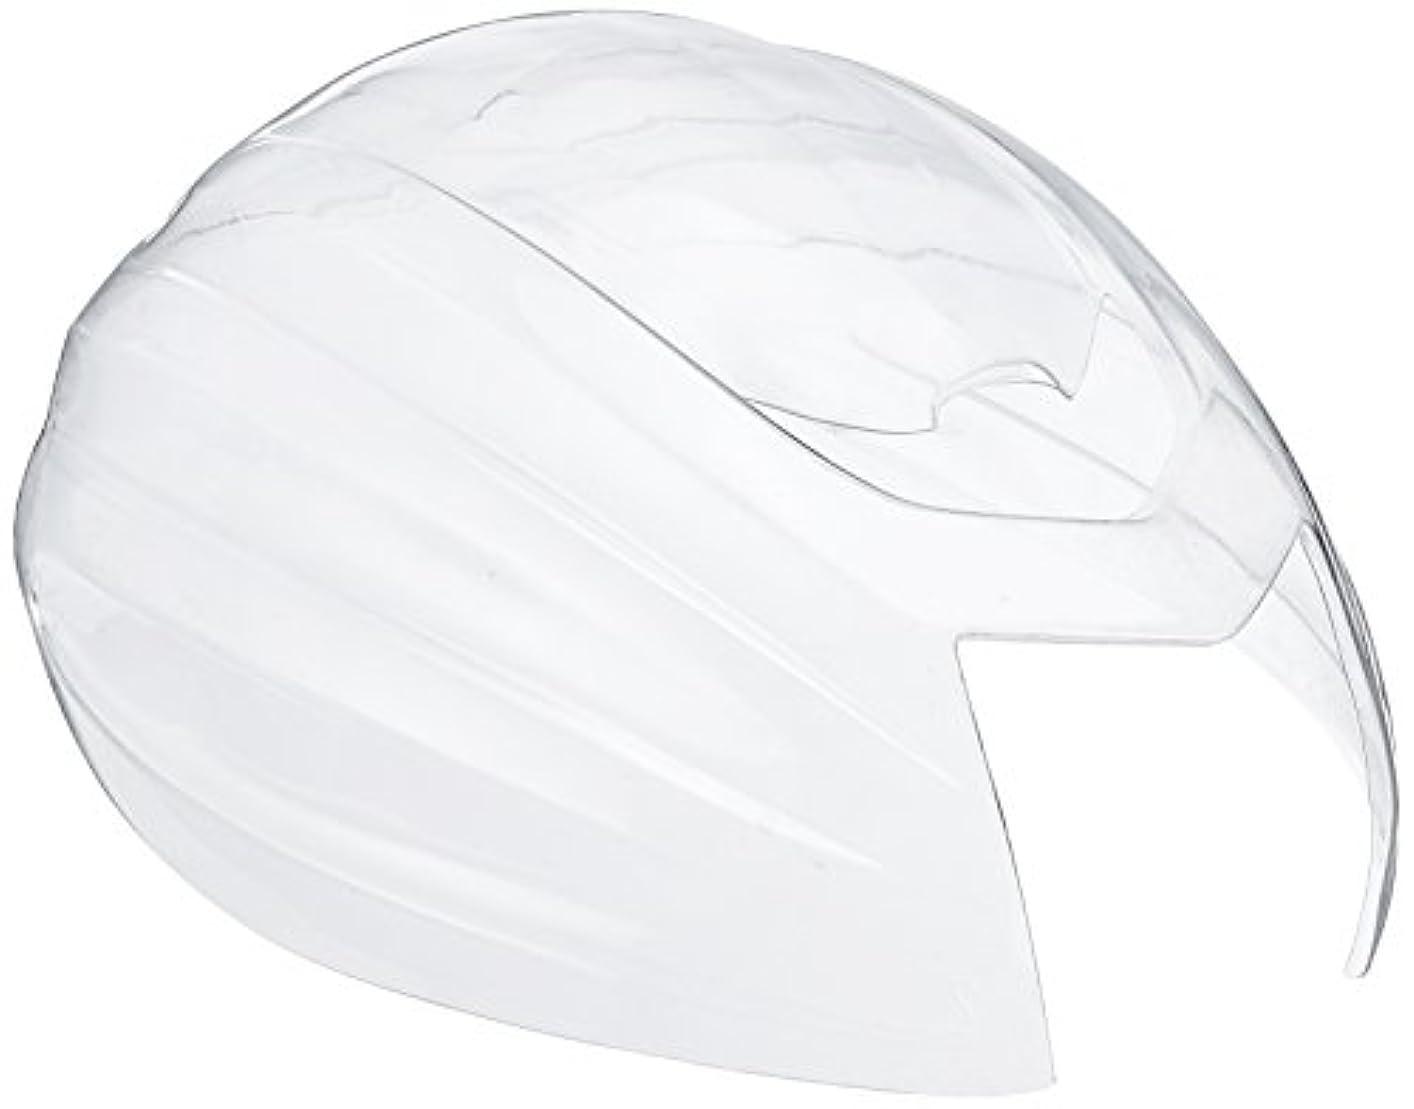 弁護士蒸留する科学的LAZER(レーザー) ヘルメット エアロシェル Z1用 エアロシェル R2LA609807X クリアー M